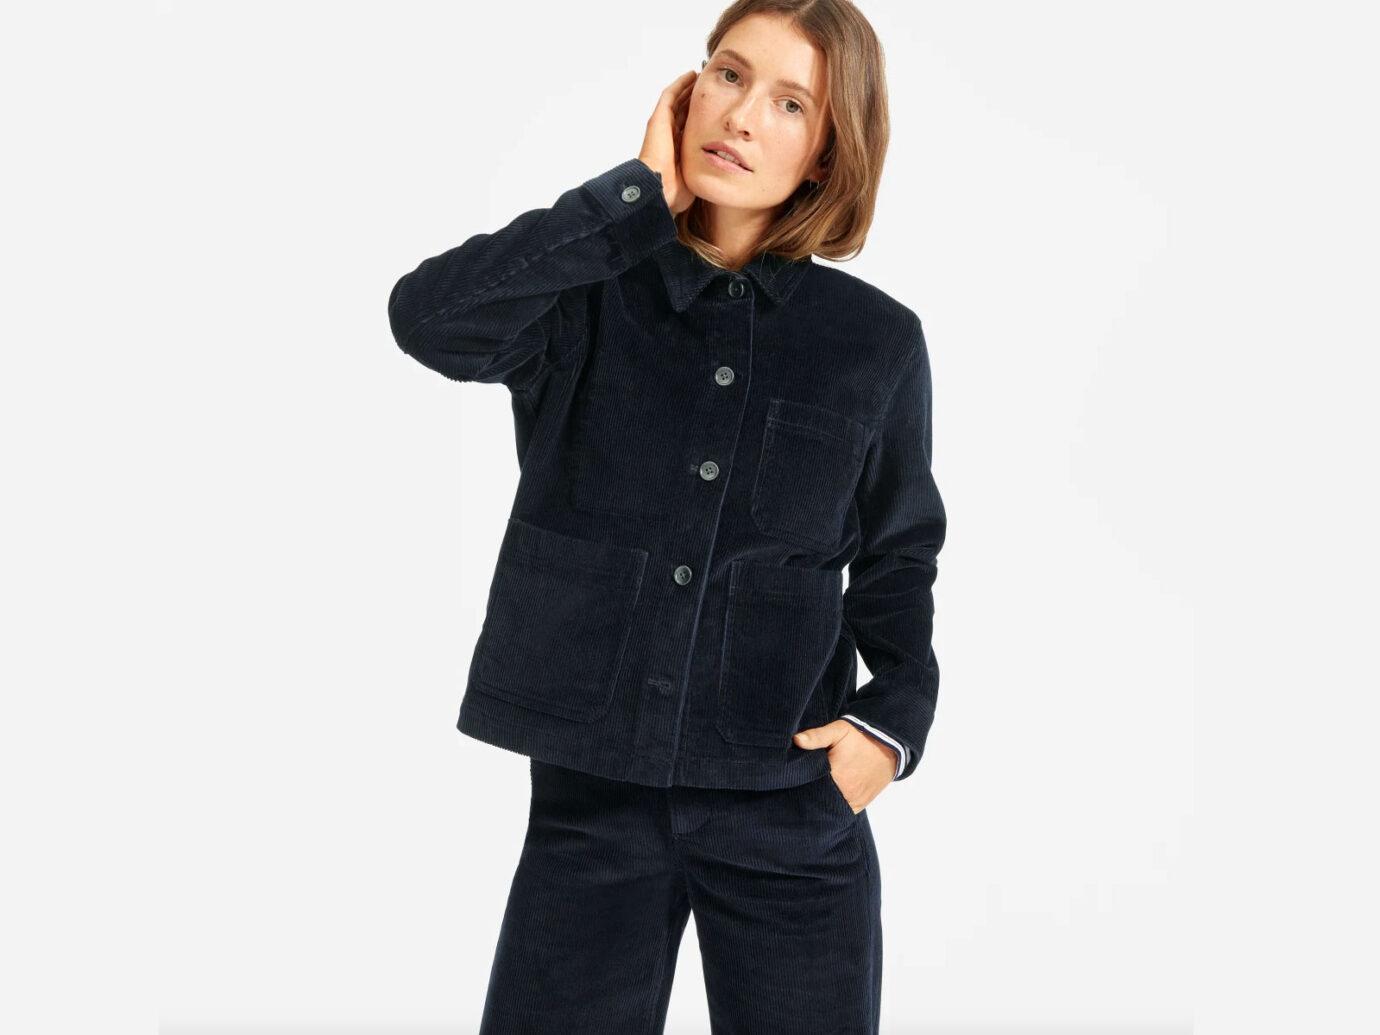 Everlane The Corduroy Chore Jacket